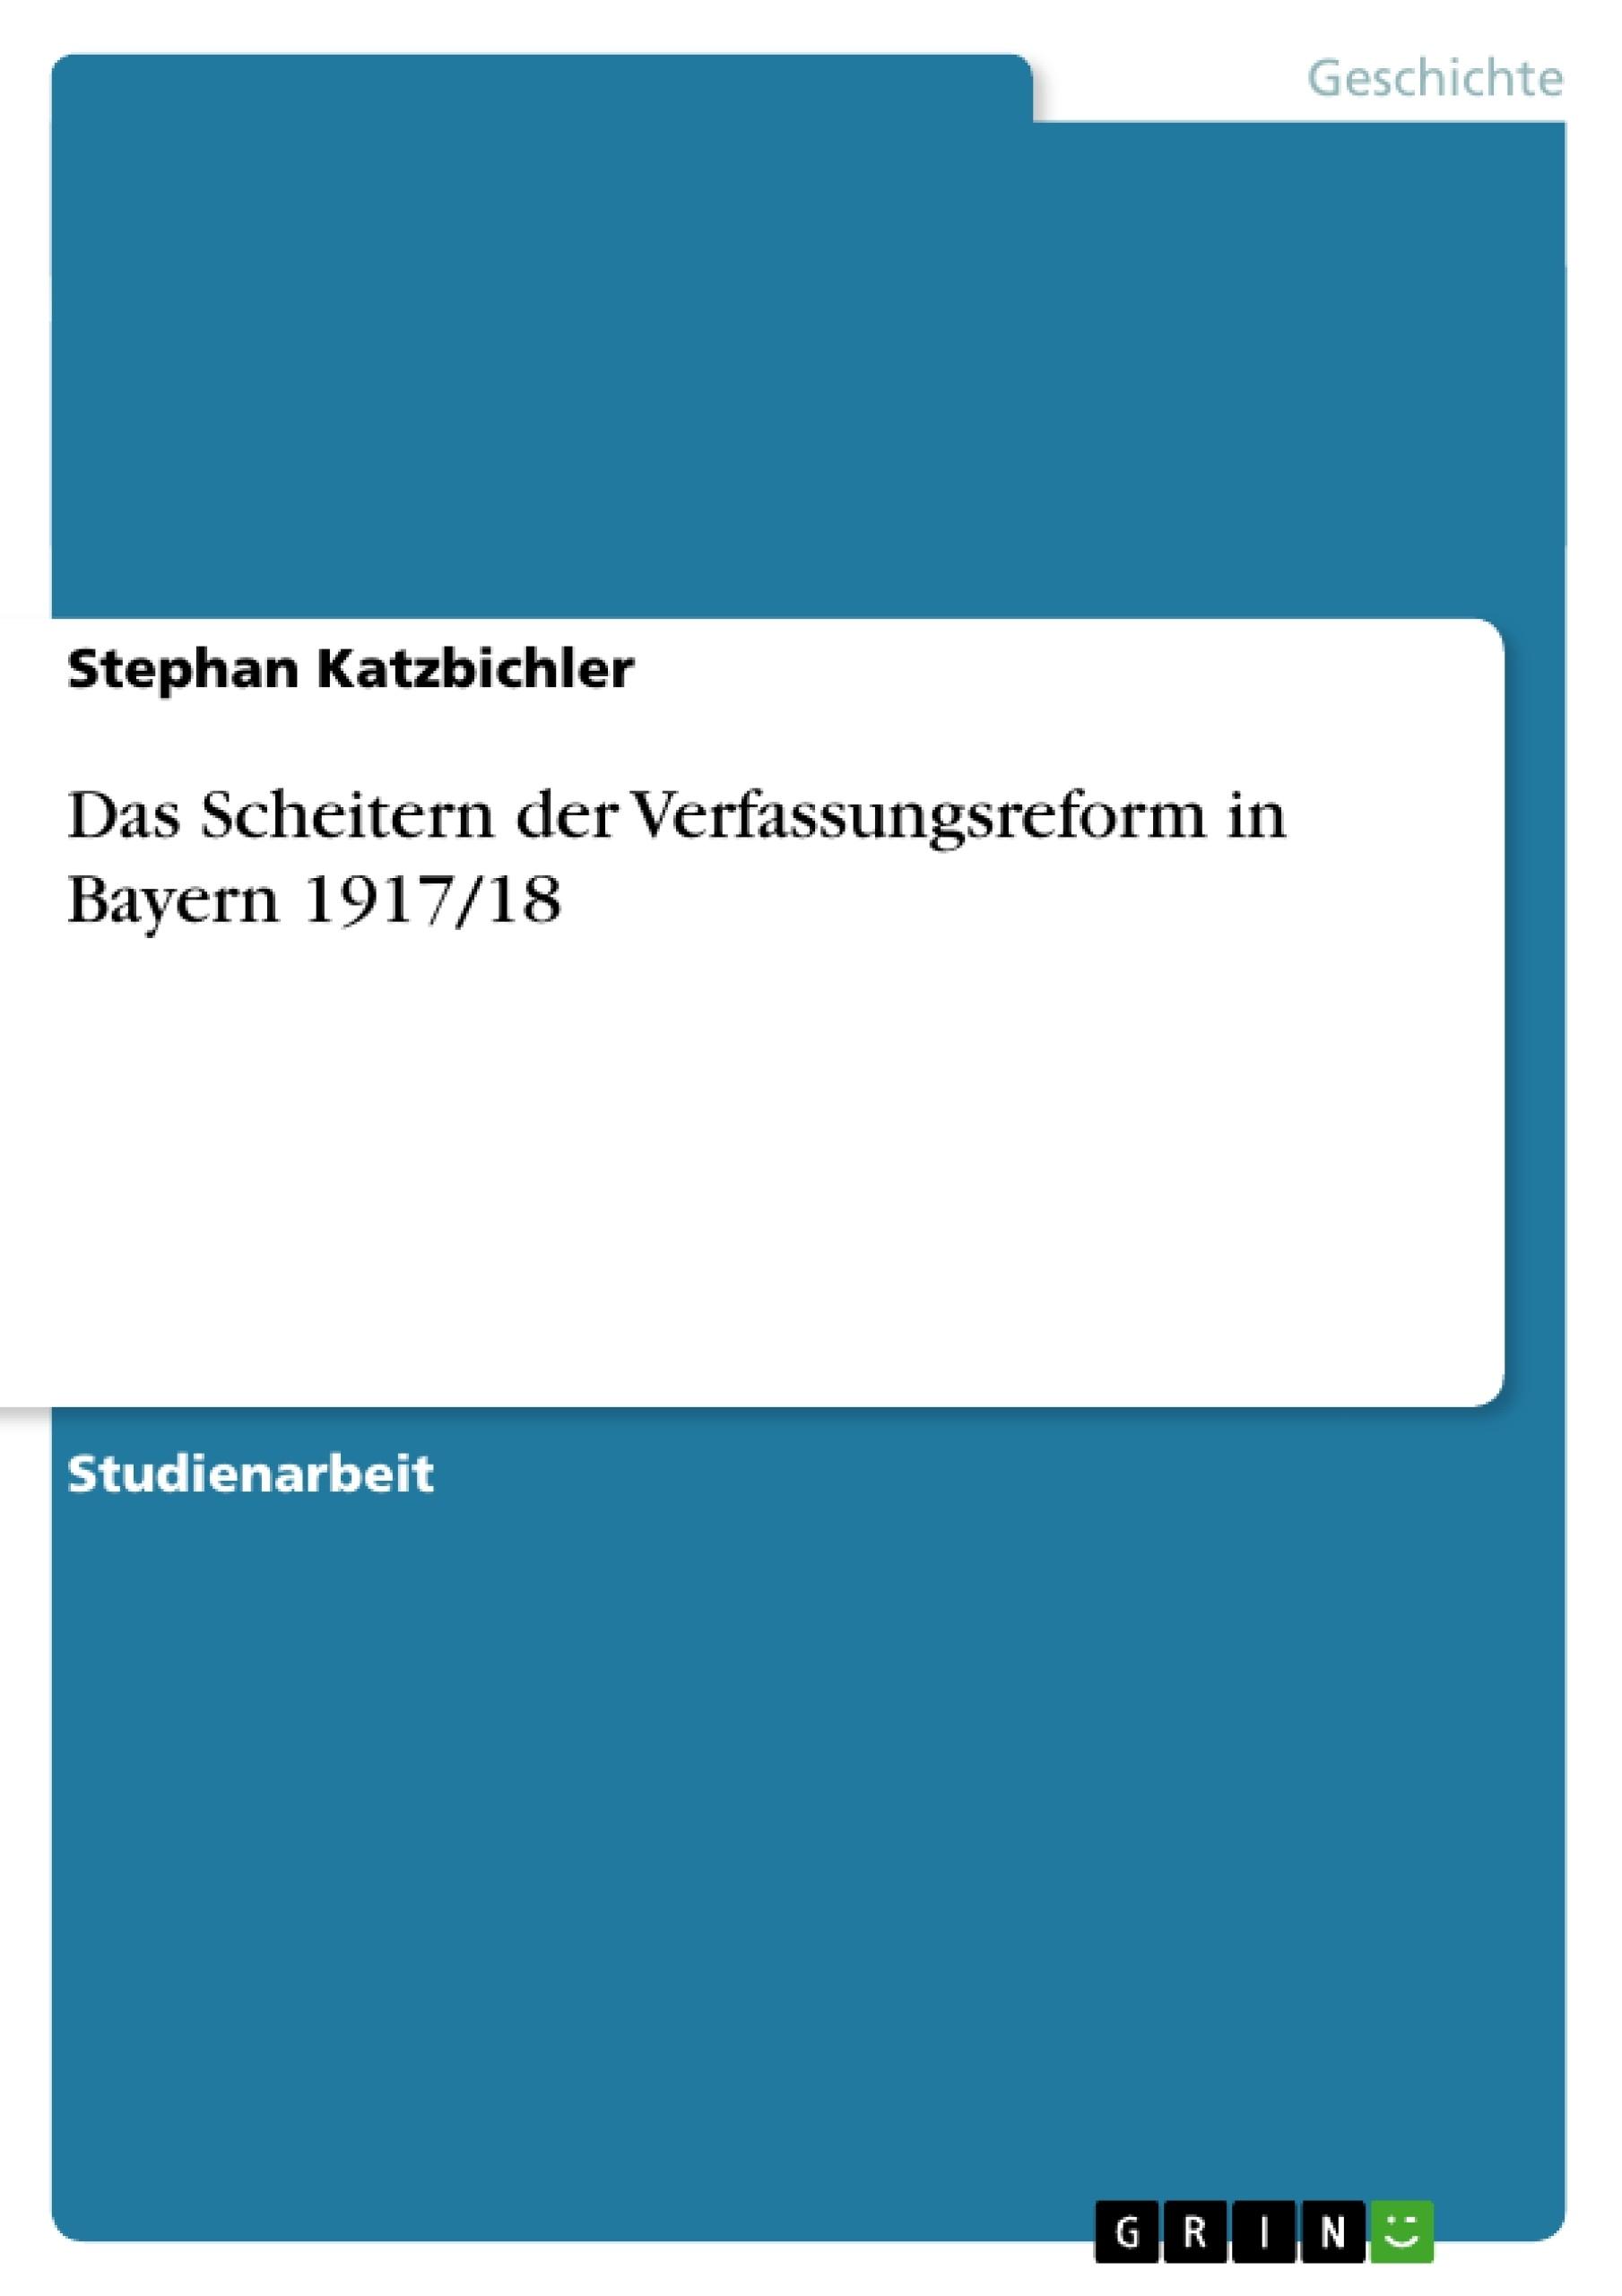 Titel: Das Scheitern der Verfassungsreform in Bayern 1917/18